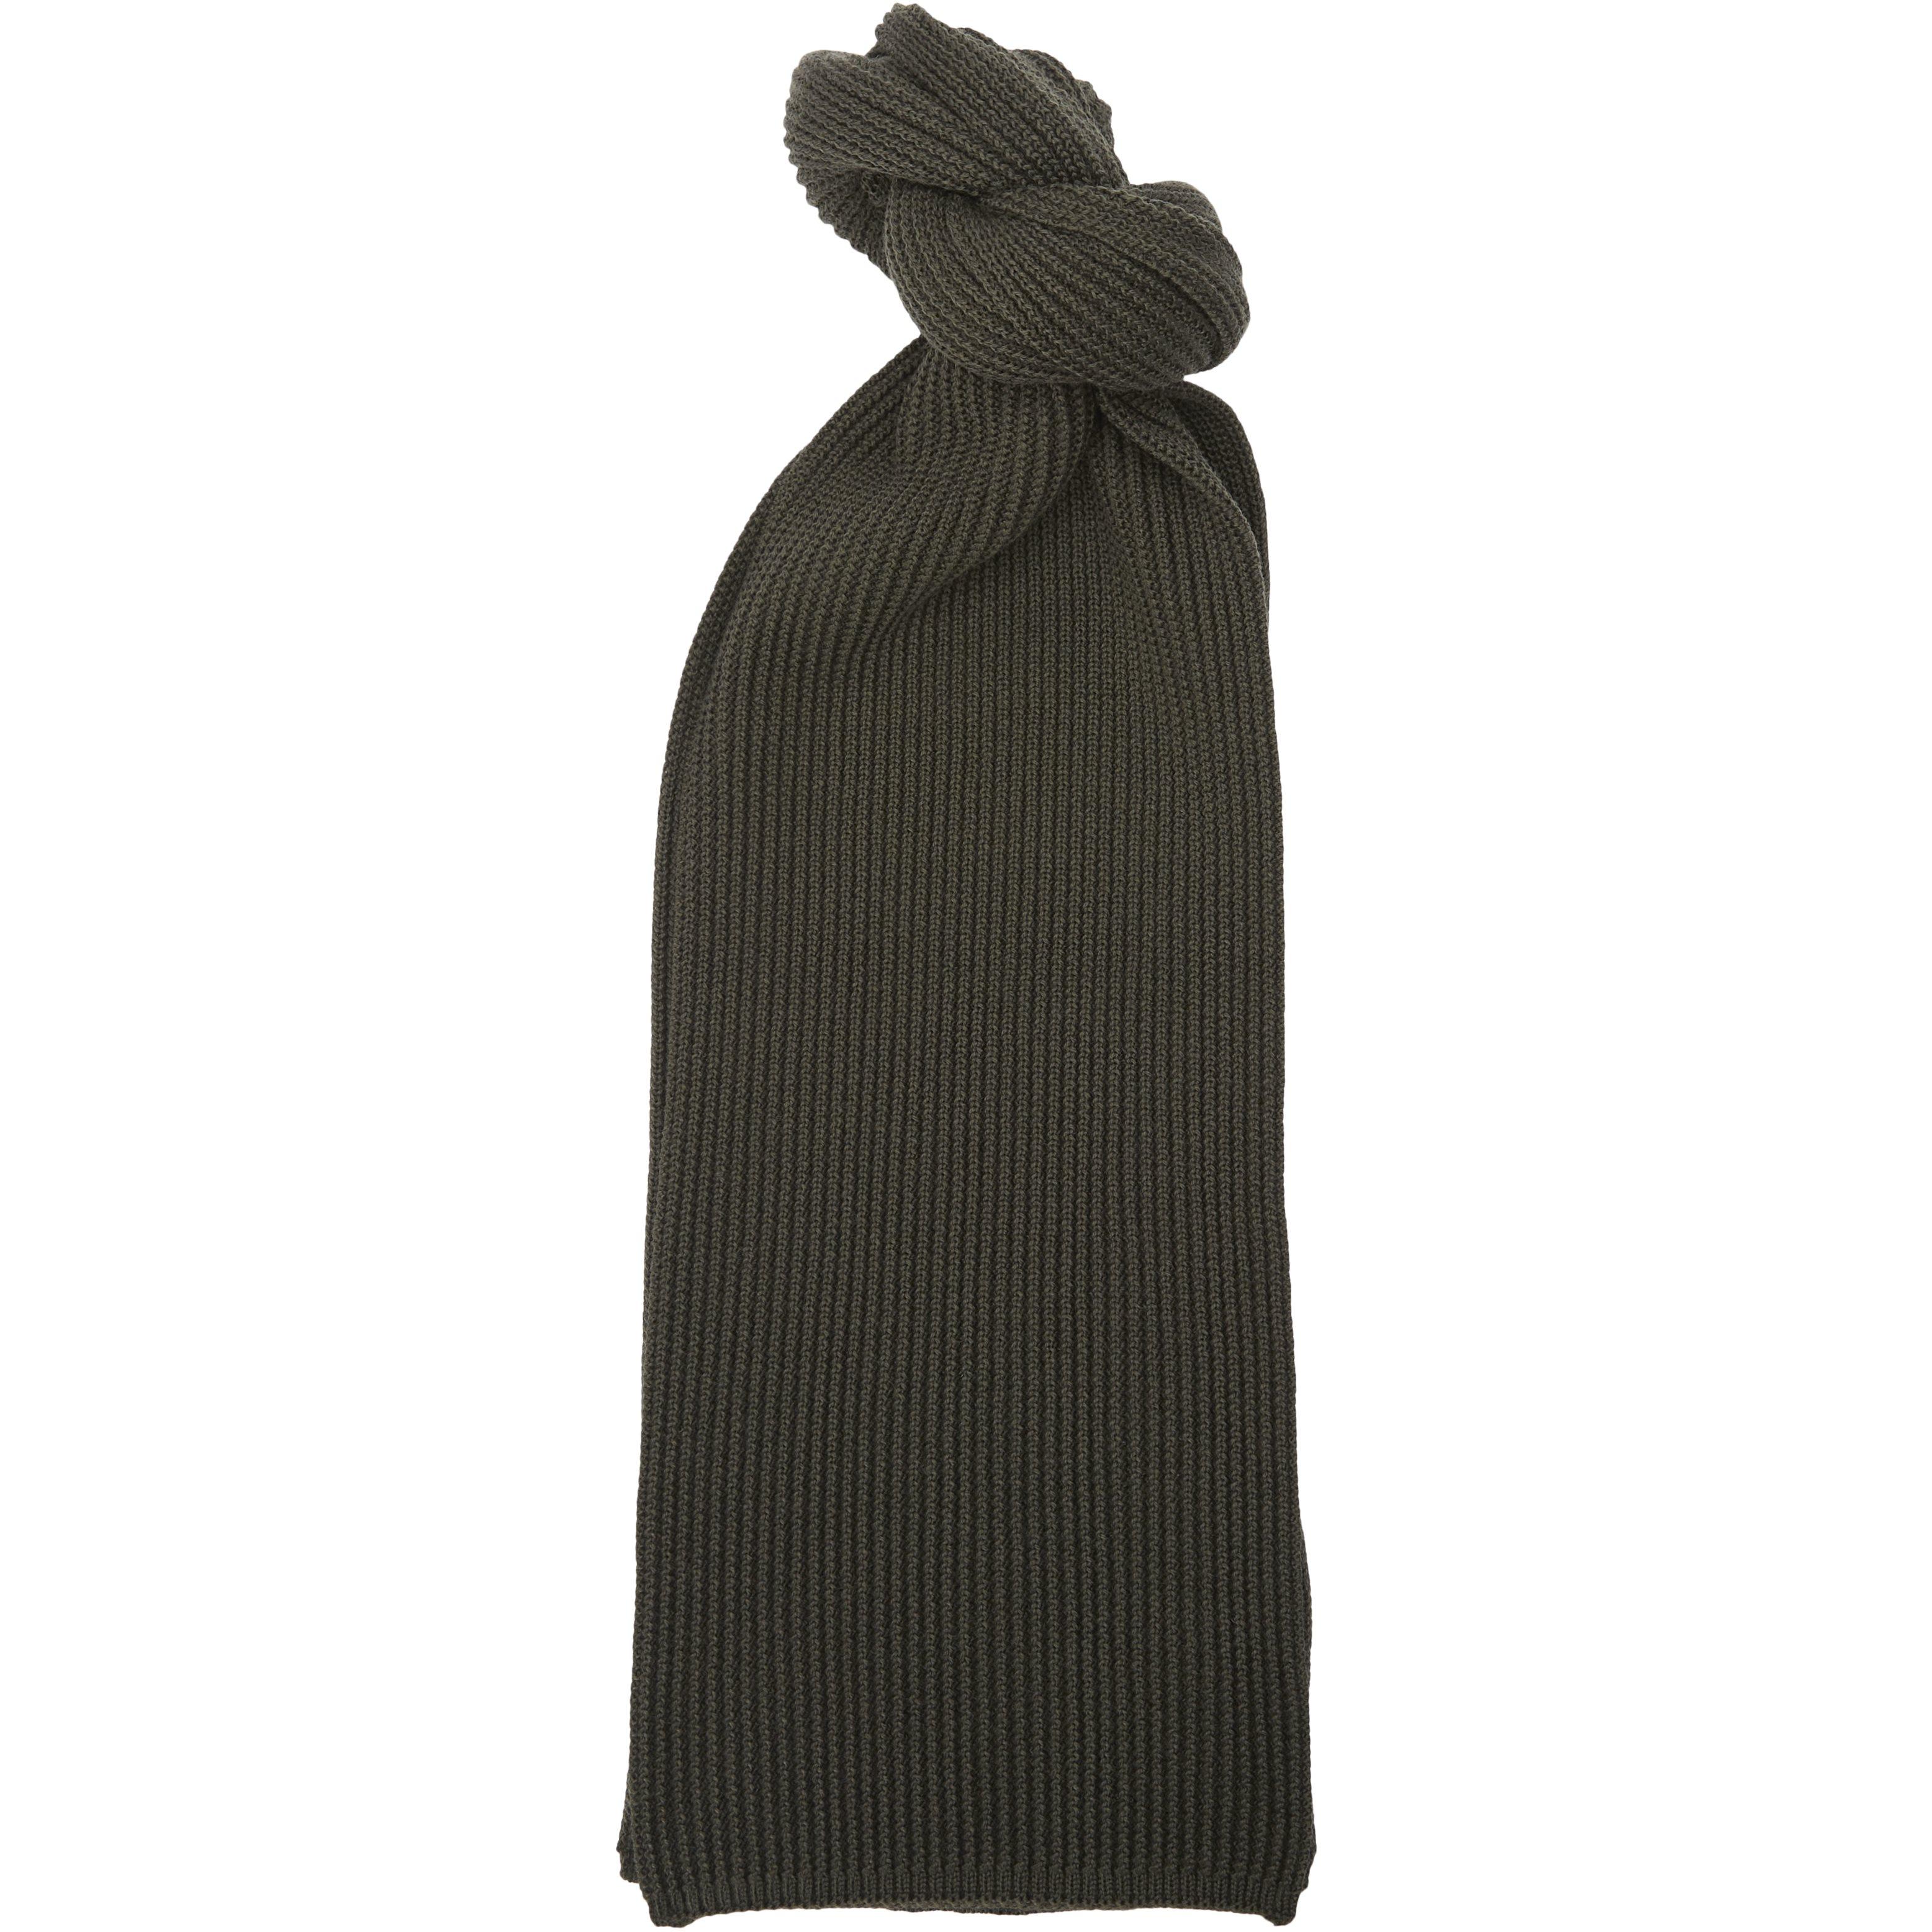 Tørklæder - Regular fit - Army